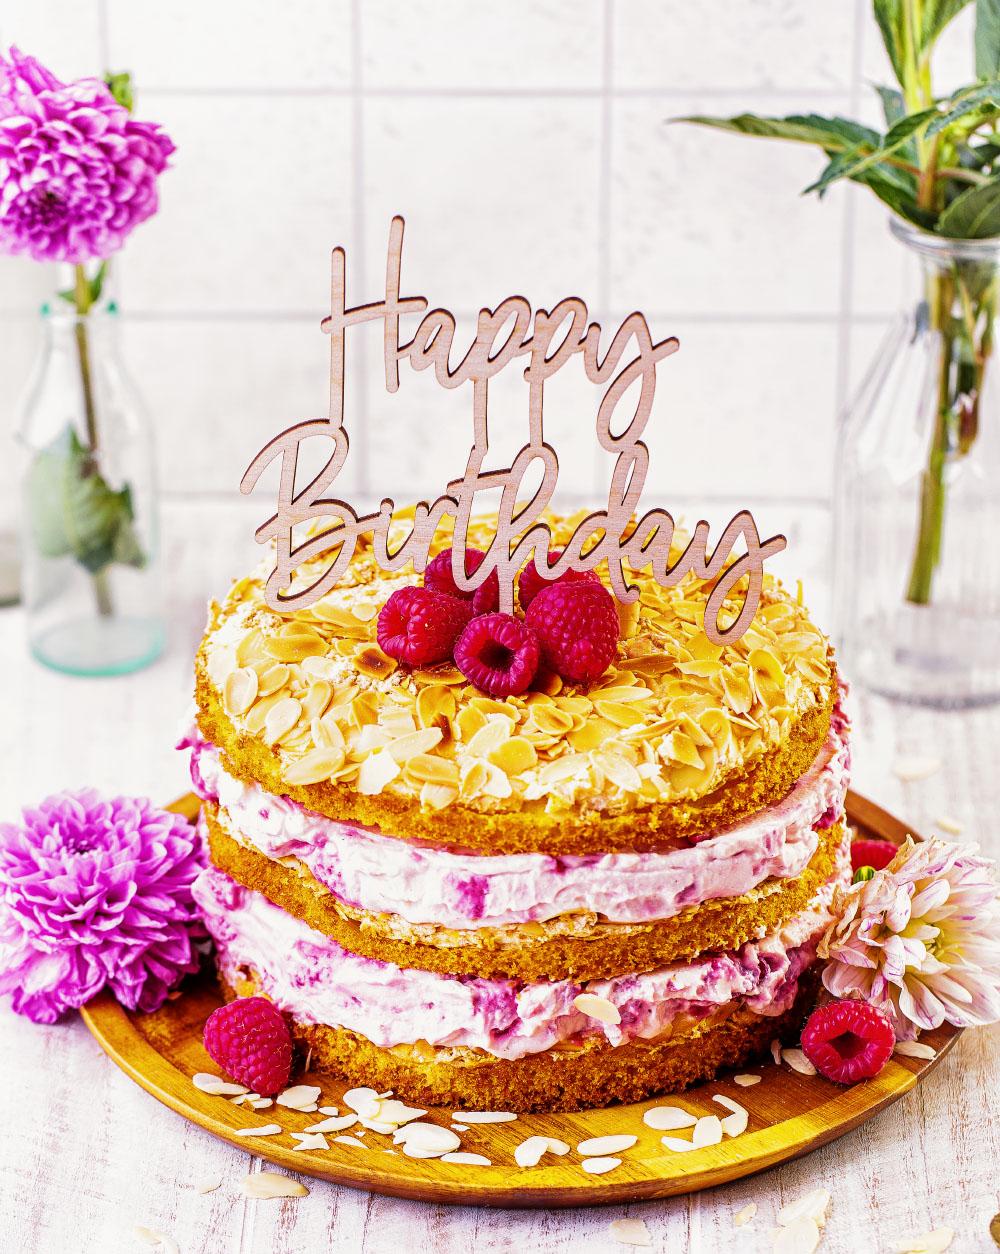 Himbeer-Quark Naked Cake Geburstagstorte einfaches rezept